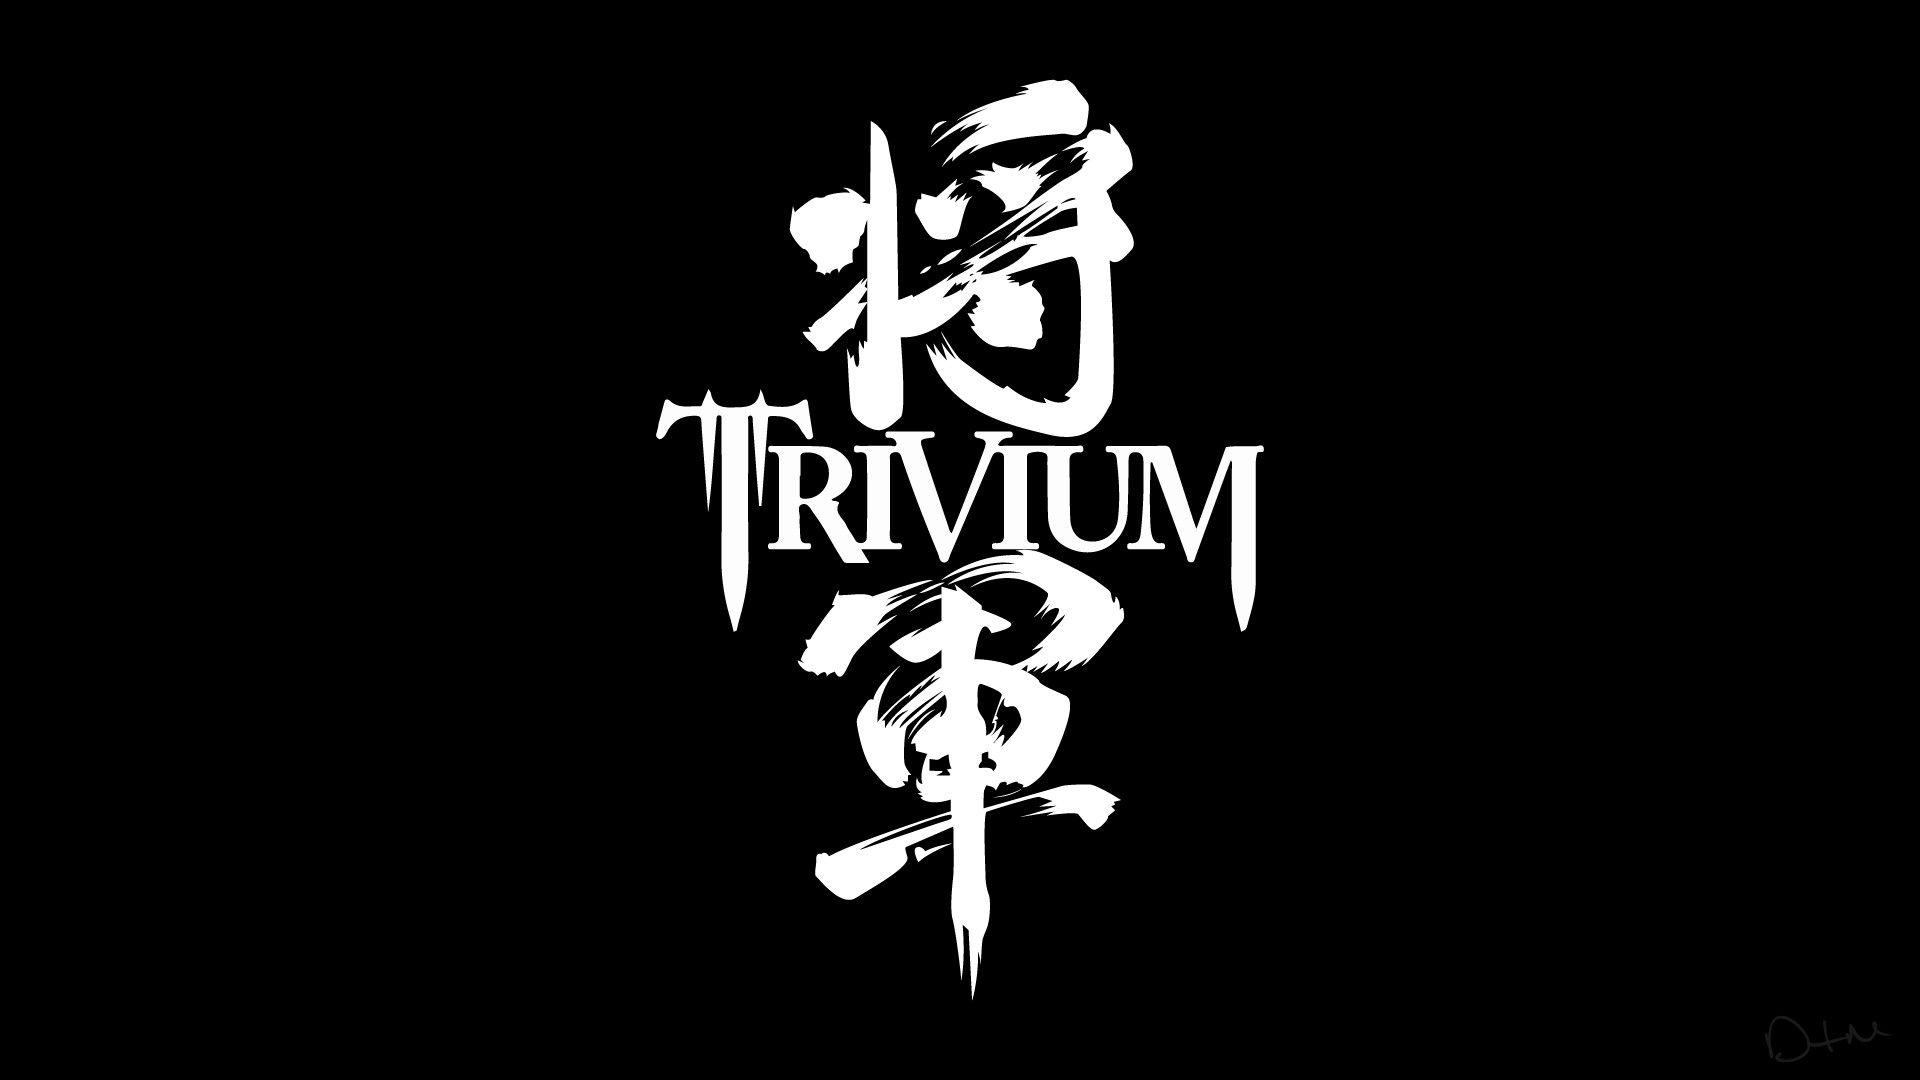 1920x1080 Trivium Shogun Vector By Dastrontm Trivium Shogun Vector By Dastrontm Wallpaper Background Pictures Pictures